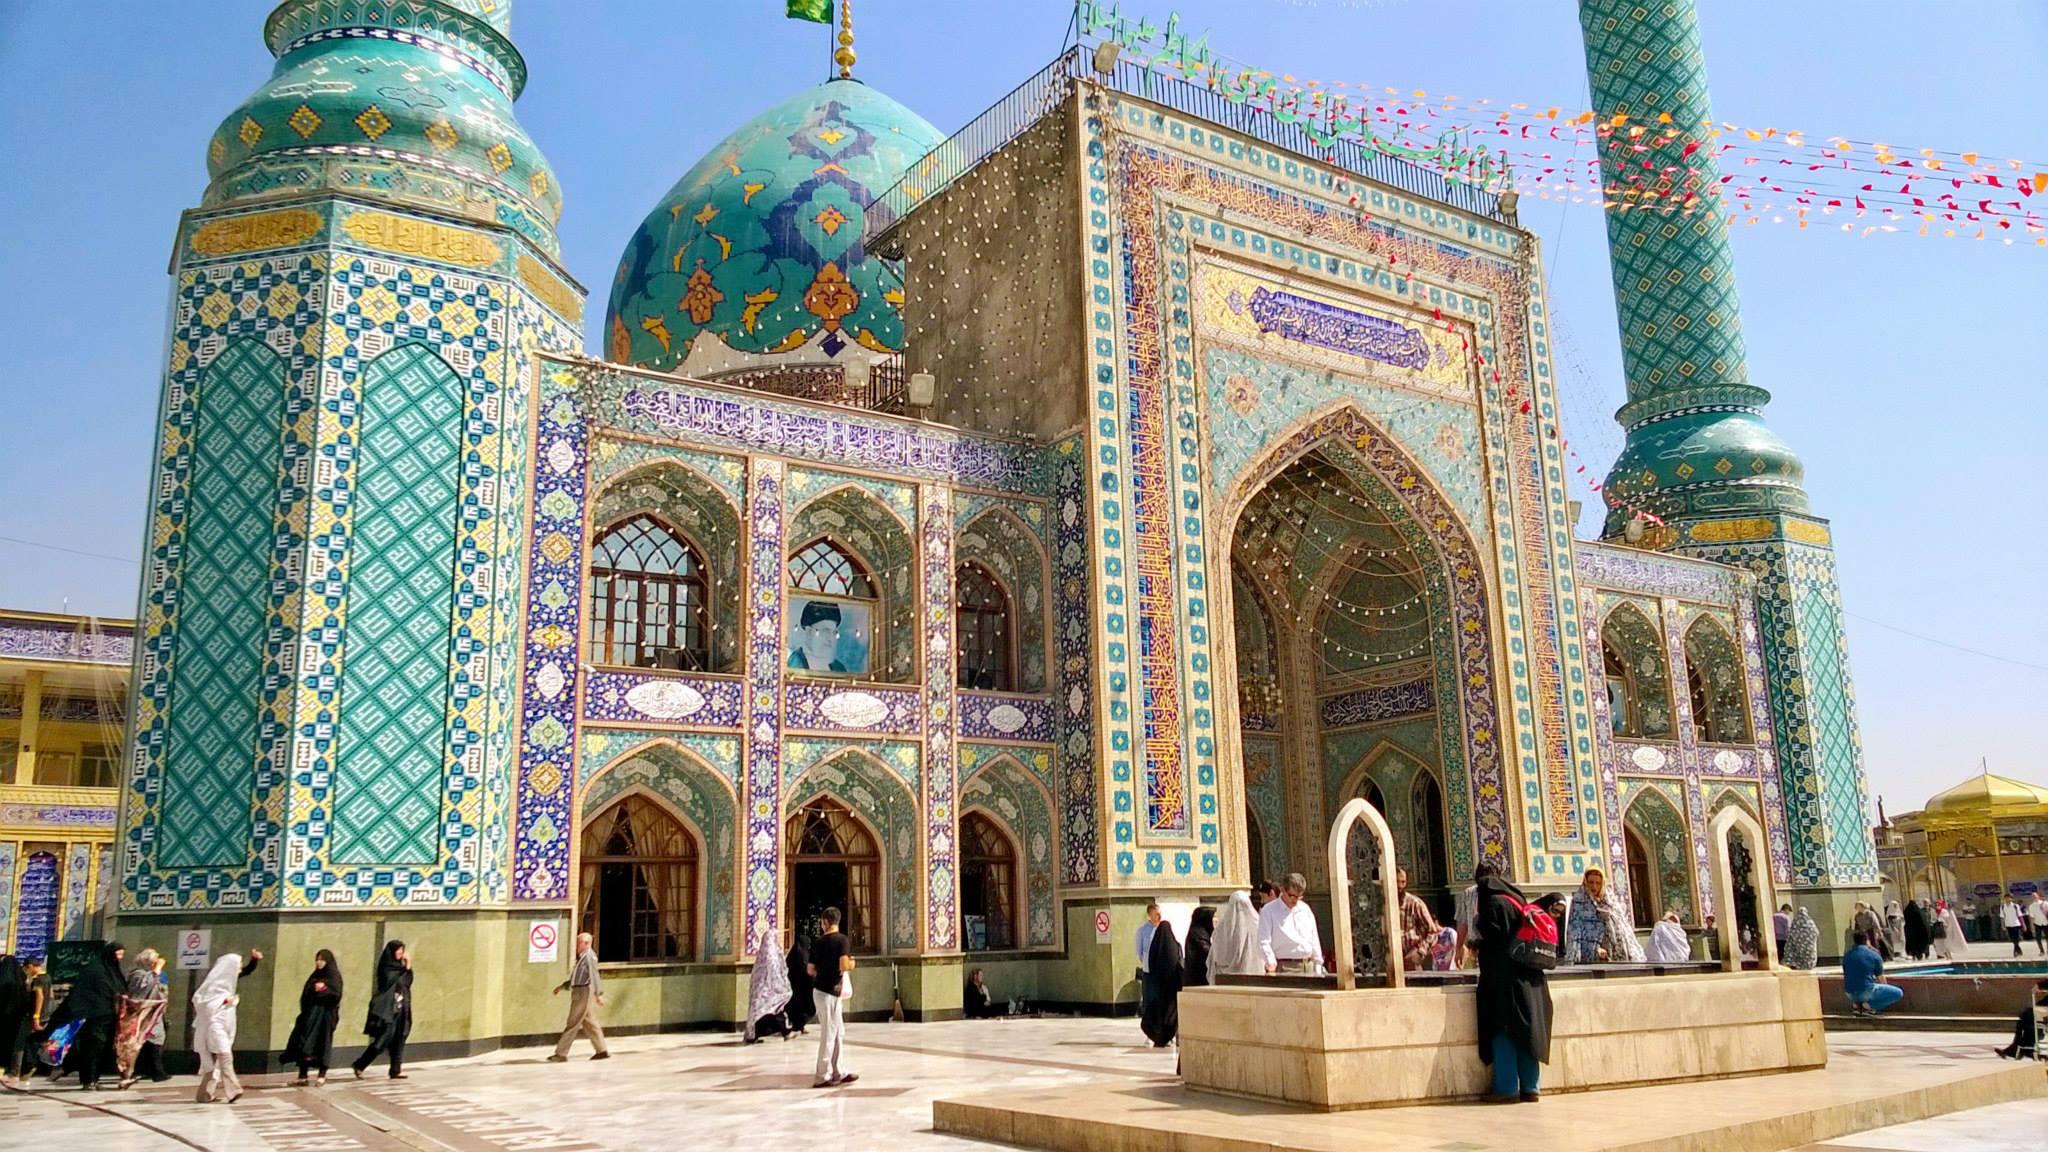 Iraniin matkaava tulee takuulla hämmästymään positiivisesti. Kuvassa Emamzadeh Saleh Teheranista. Kuva: Harri Toikkanen